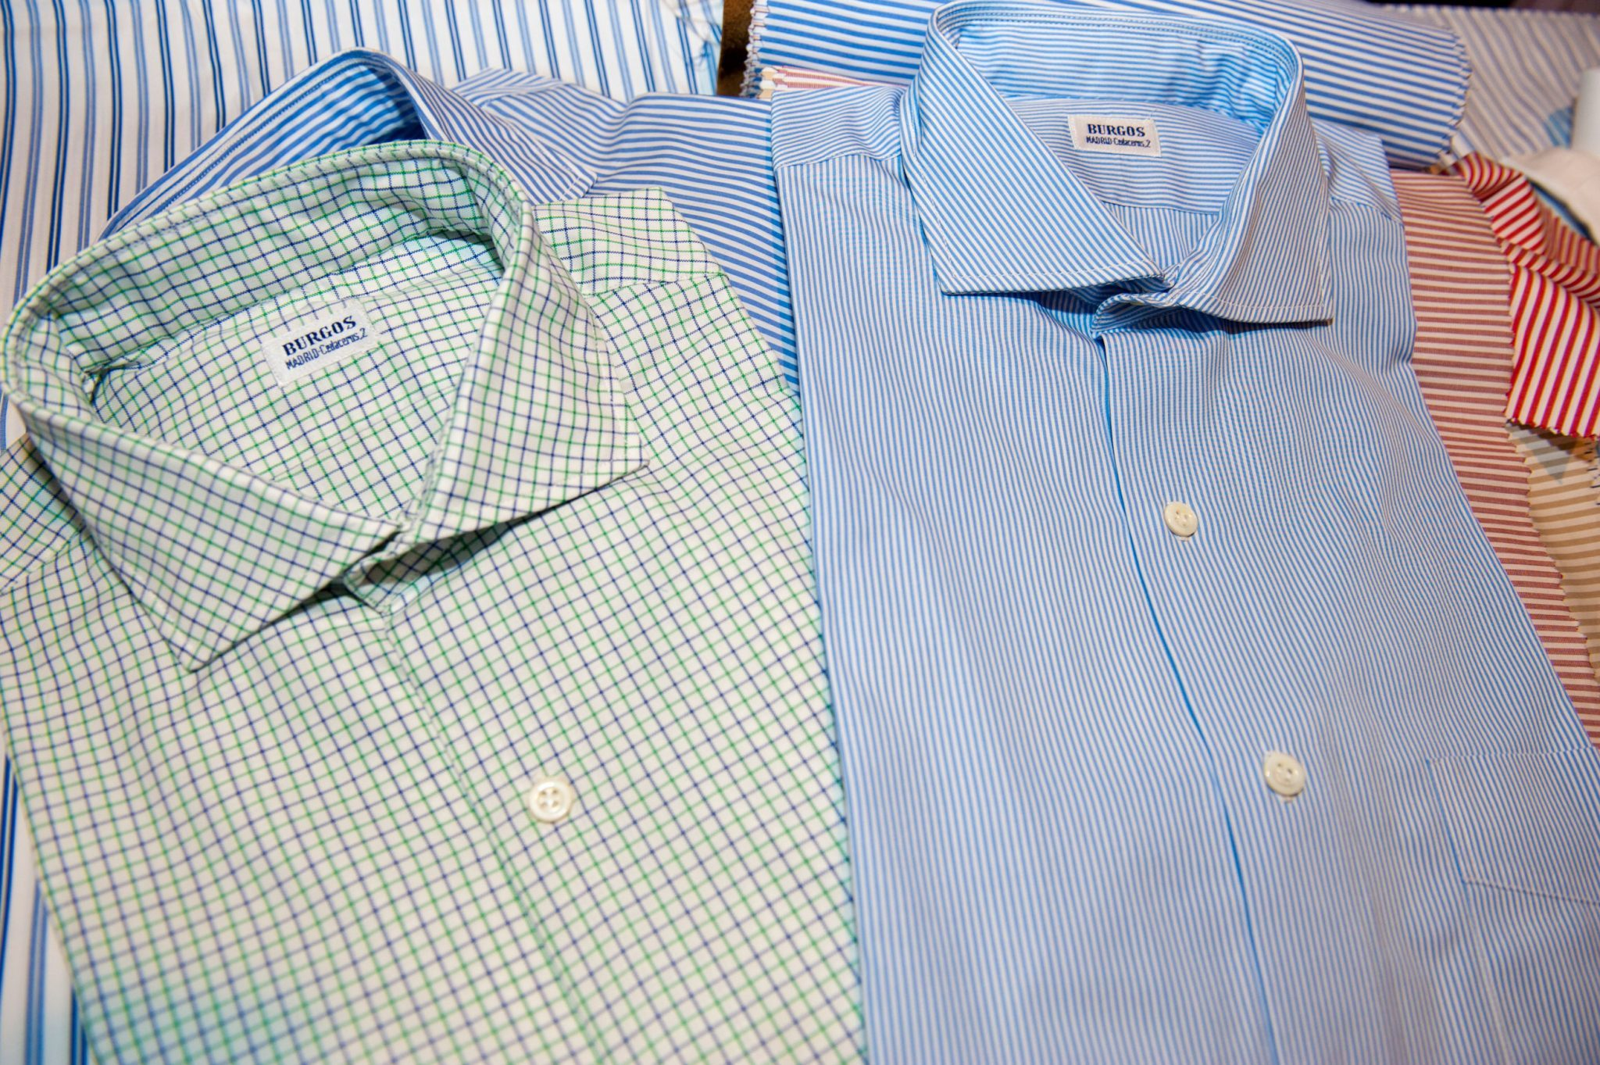 tipos de camisas a medida